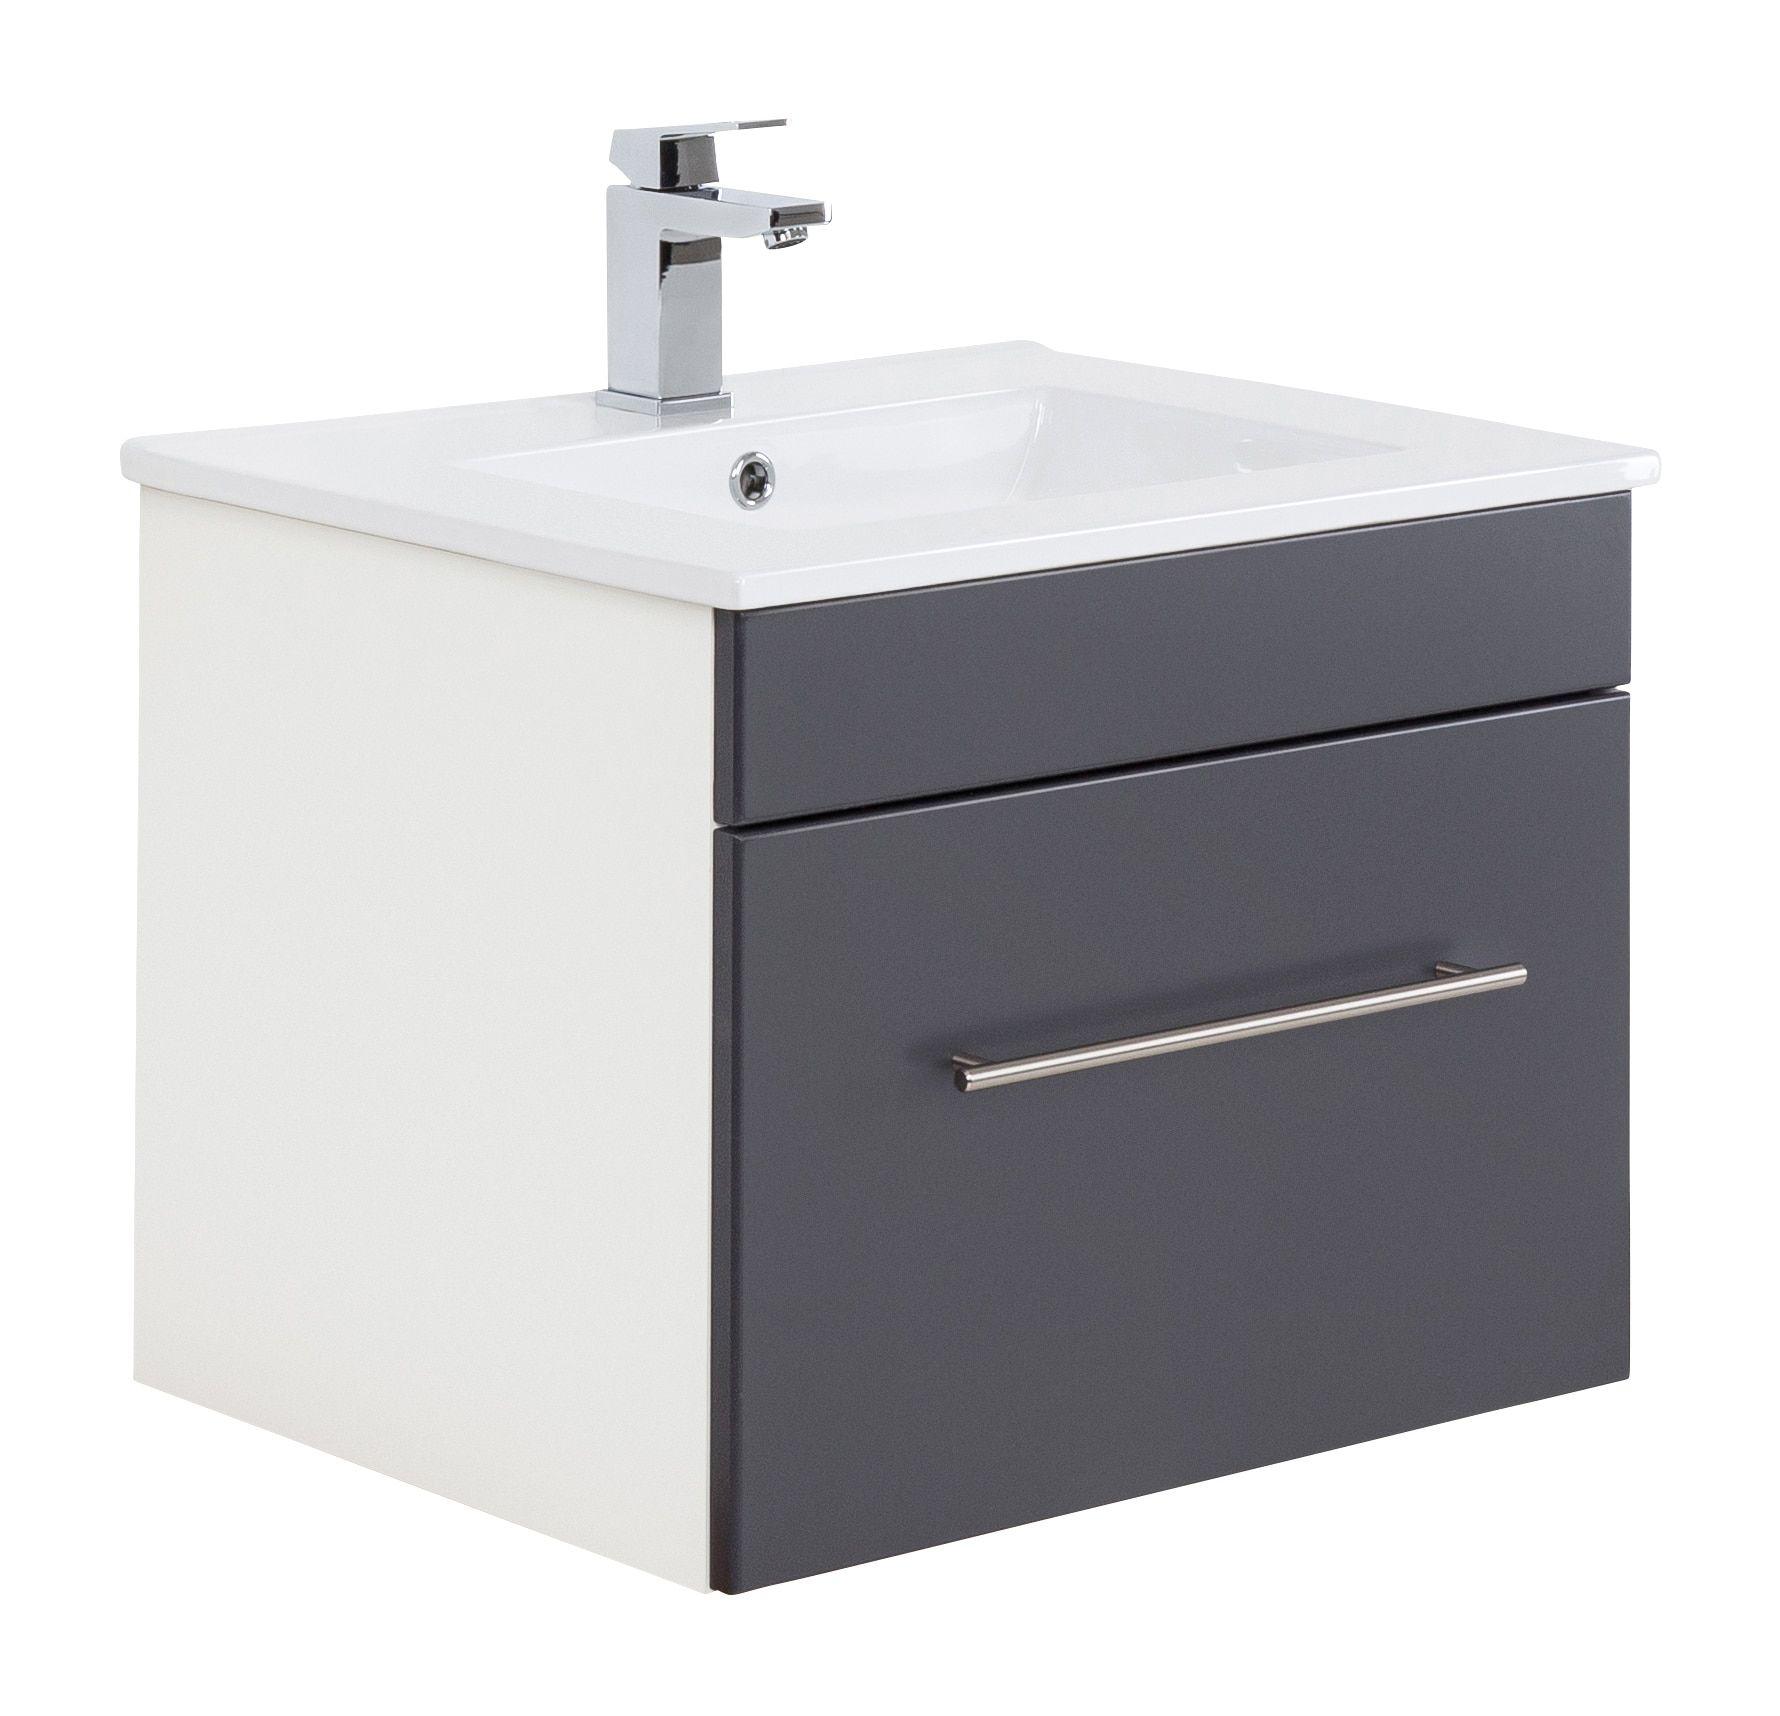 Badmobel Santini 60 Anthrazit Seidenglanz Waschbecken Waschbecken 50 Cm Unterschrank